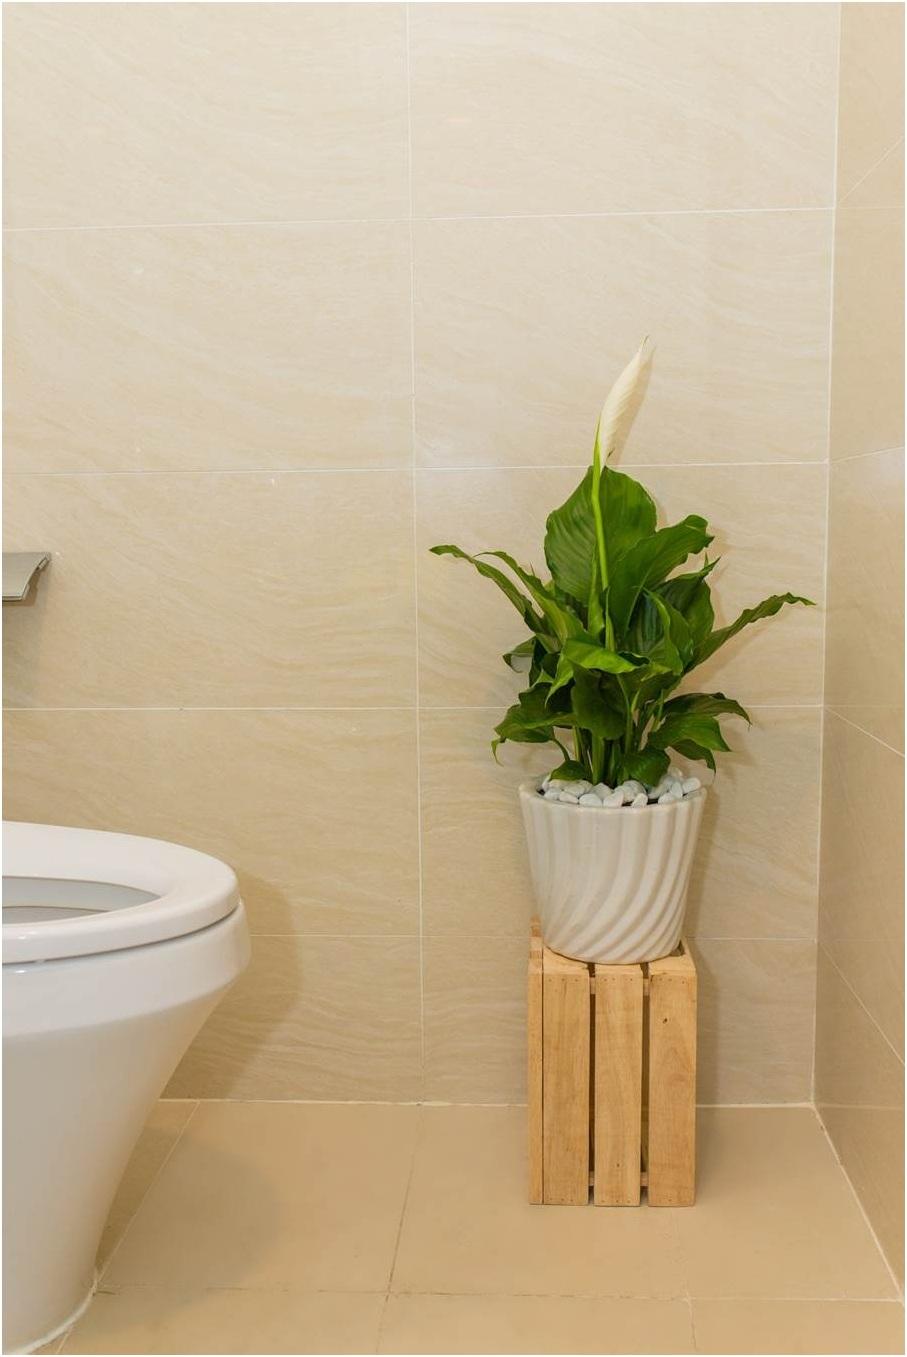 Nhờ khả năng hấp thụ ẩm mốc trong không khí, rèm tắm, thảm sàn, Lan Ý là lựa chọn hàng cho khu vực phòng tắm hay nhà vệ sinh.